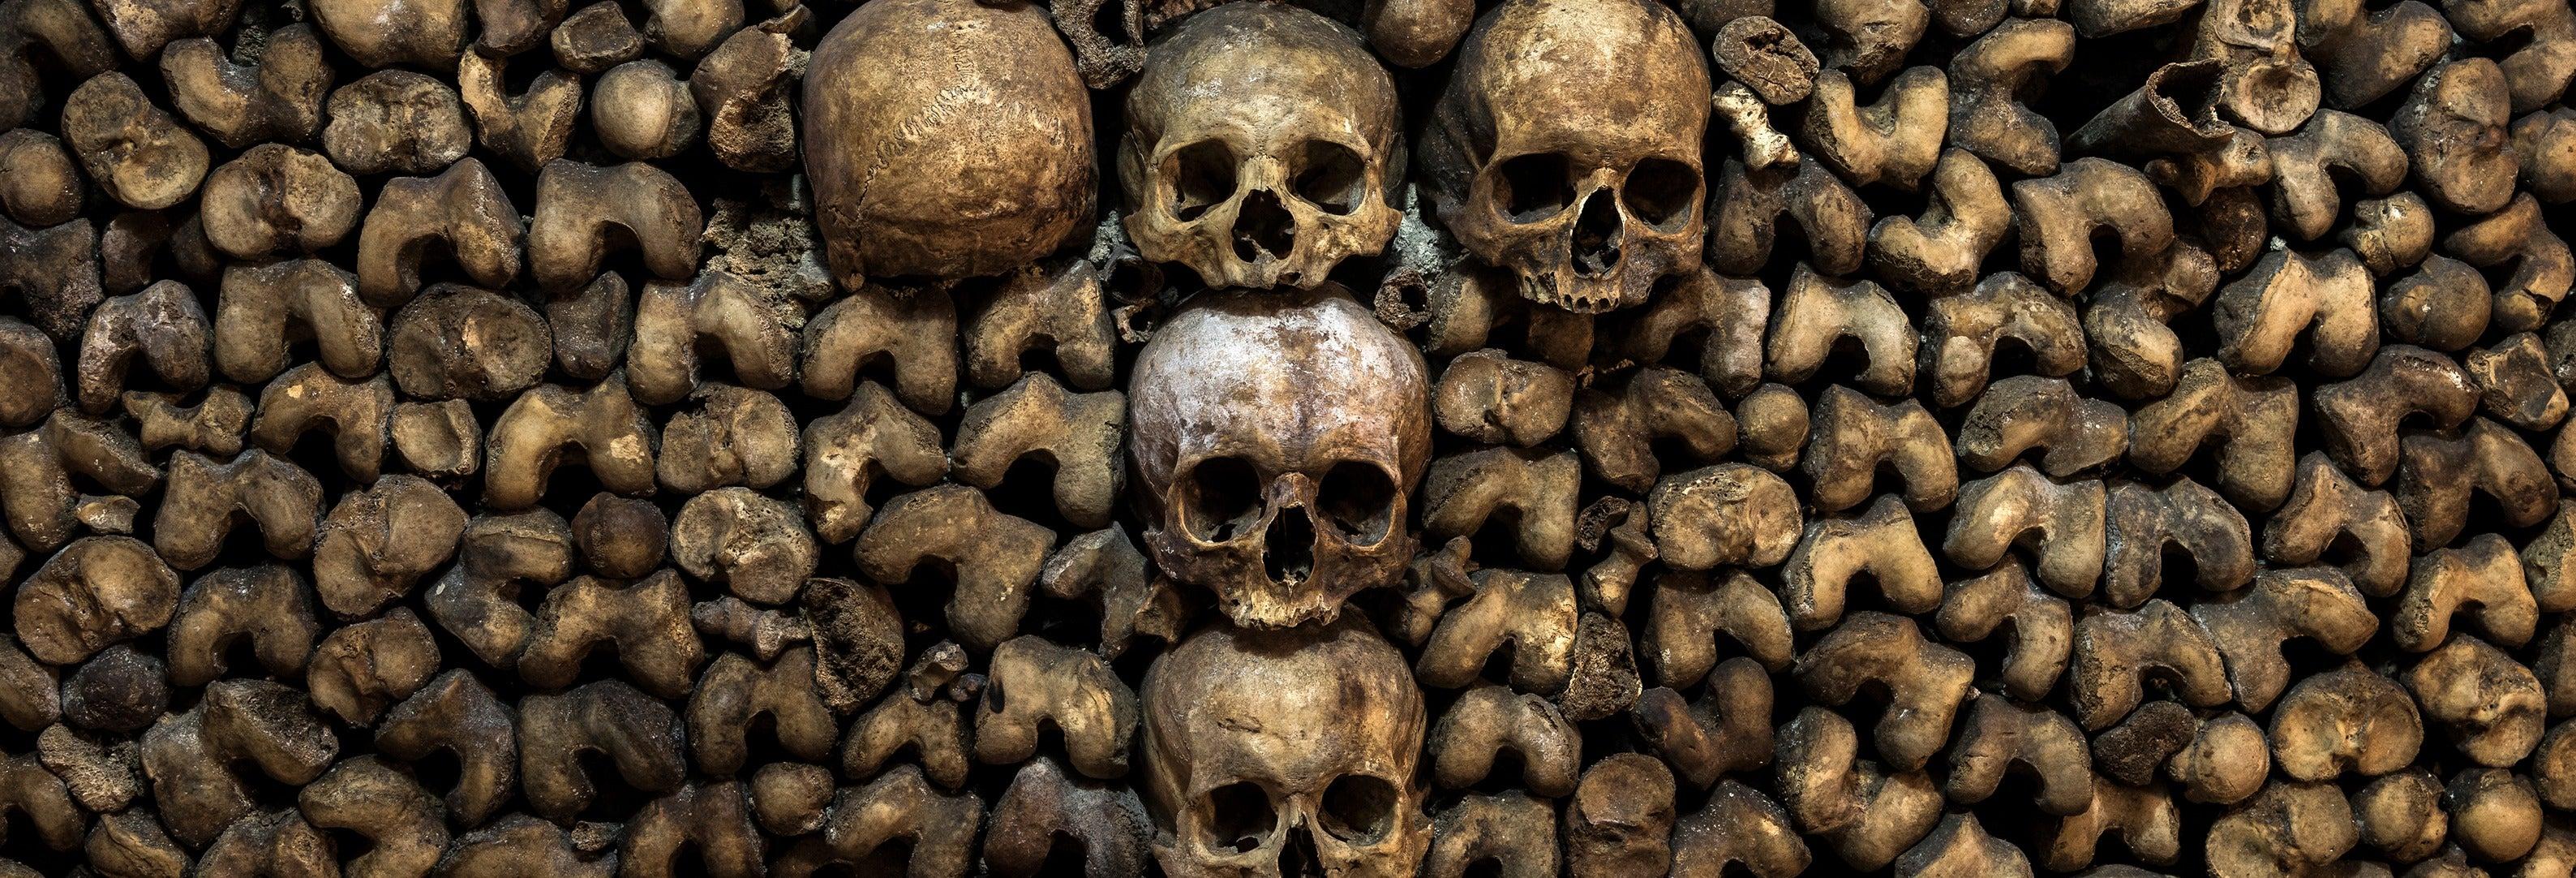 Biglietti per le Catacombe di Parigi